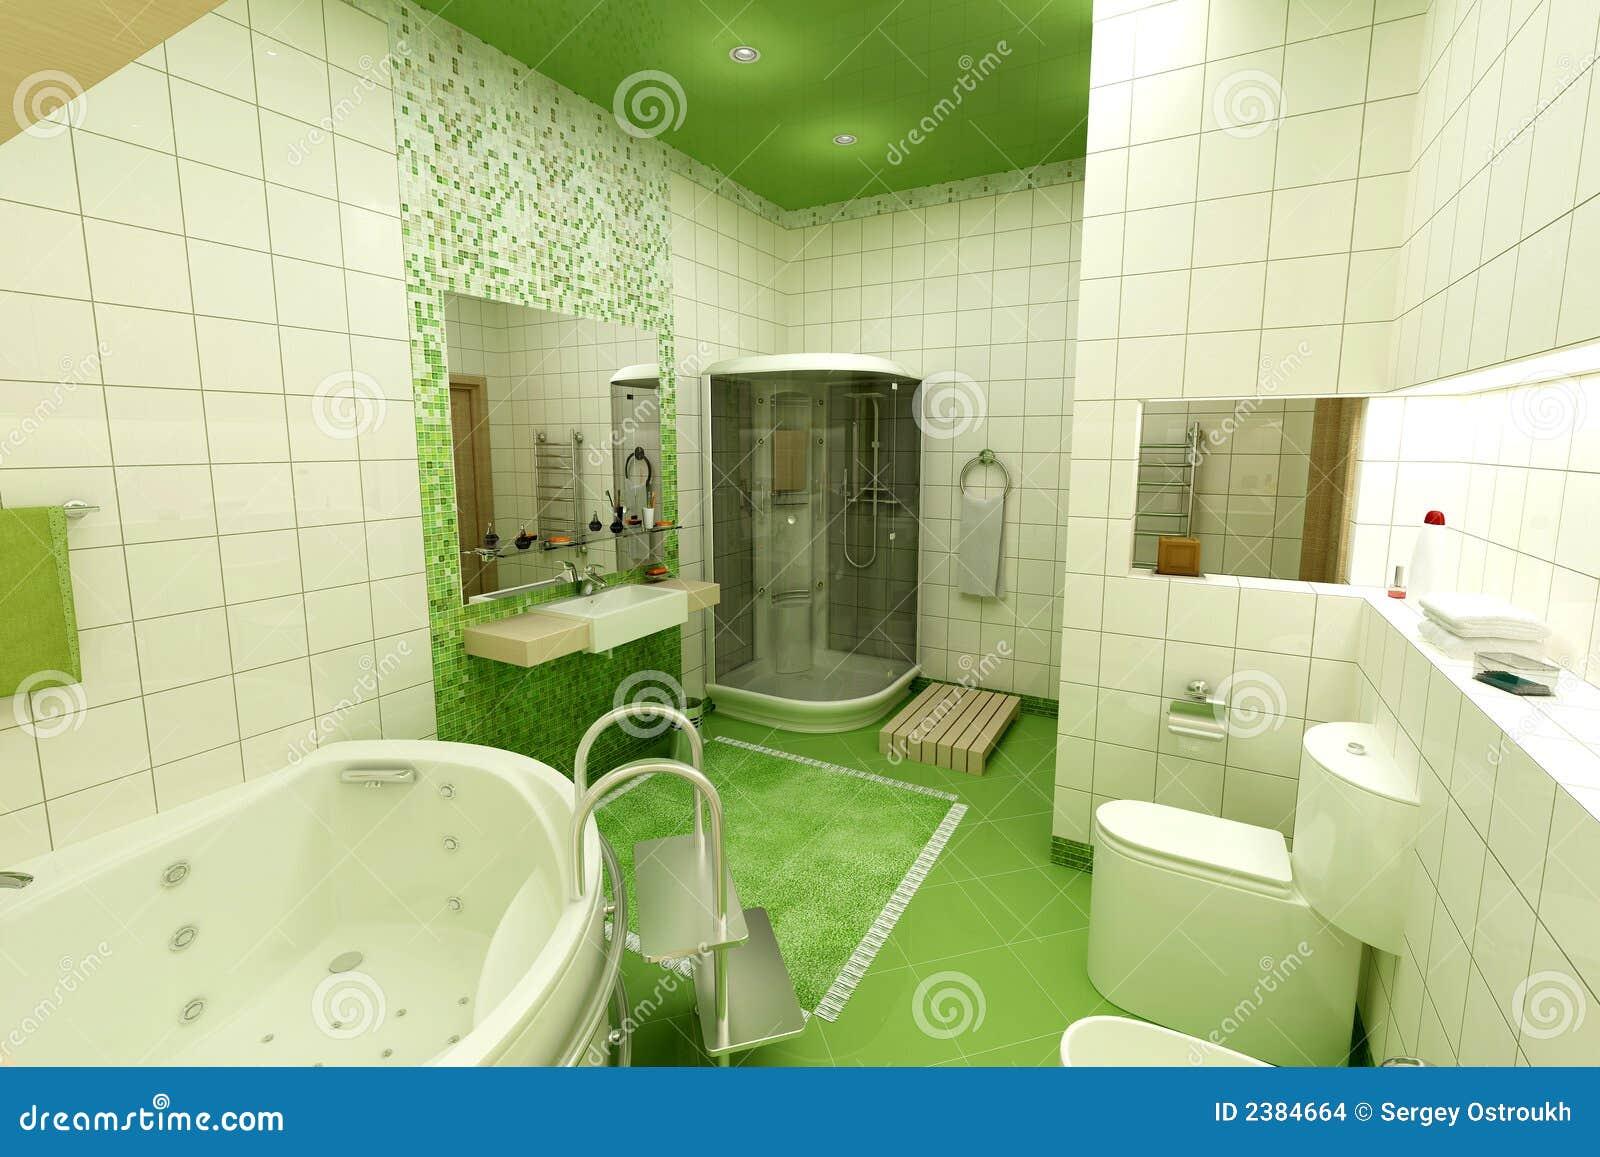 Grünes Badezimmer stockfoto. Bild von badezimmer, halskette - 2384664